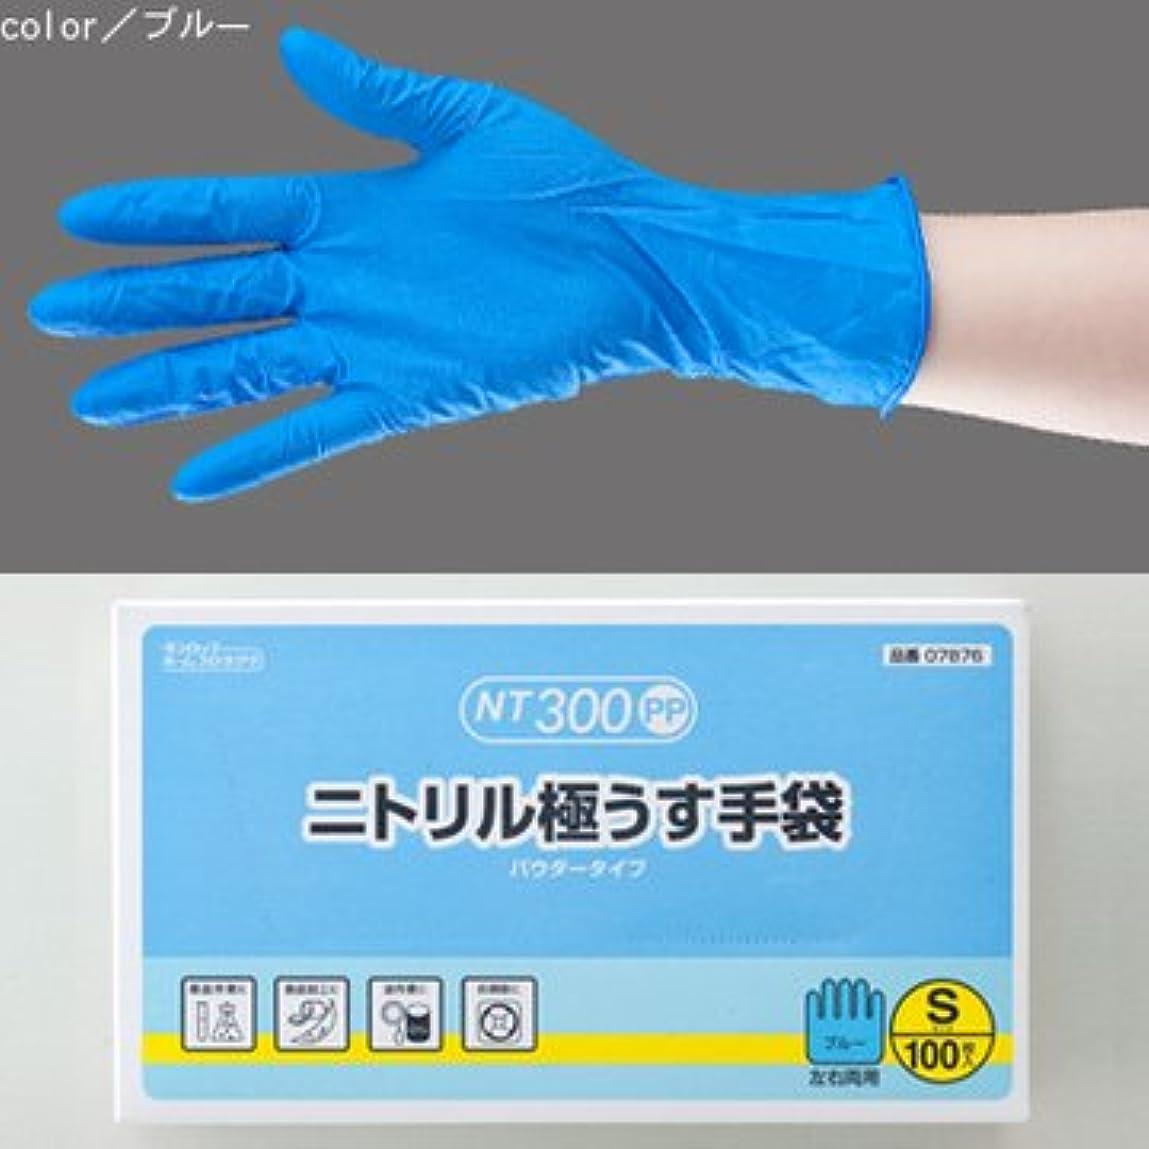 ニトリル極うす手袋 NT300PP 100枚入り (M)